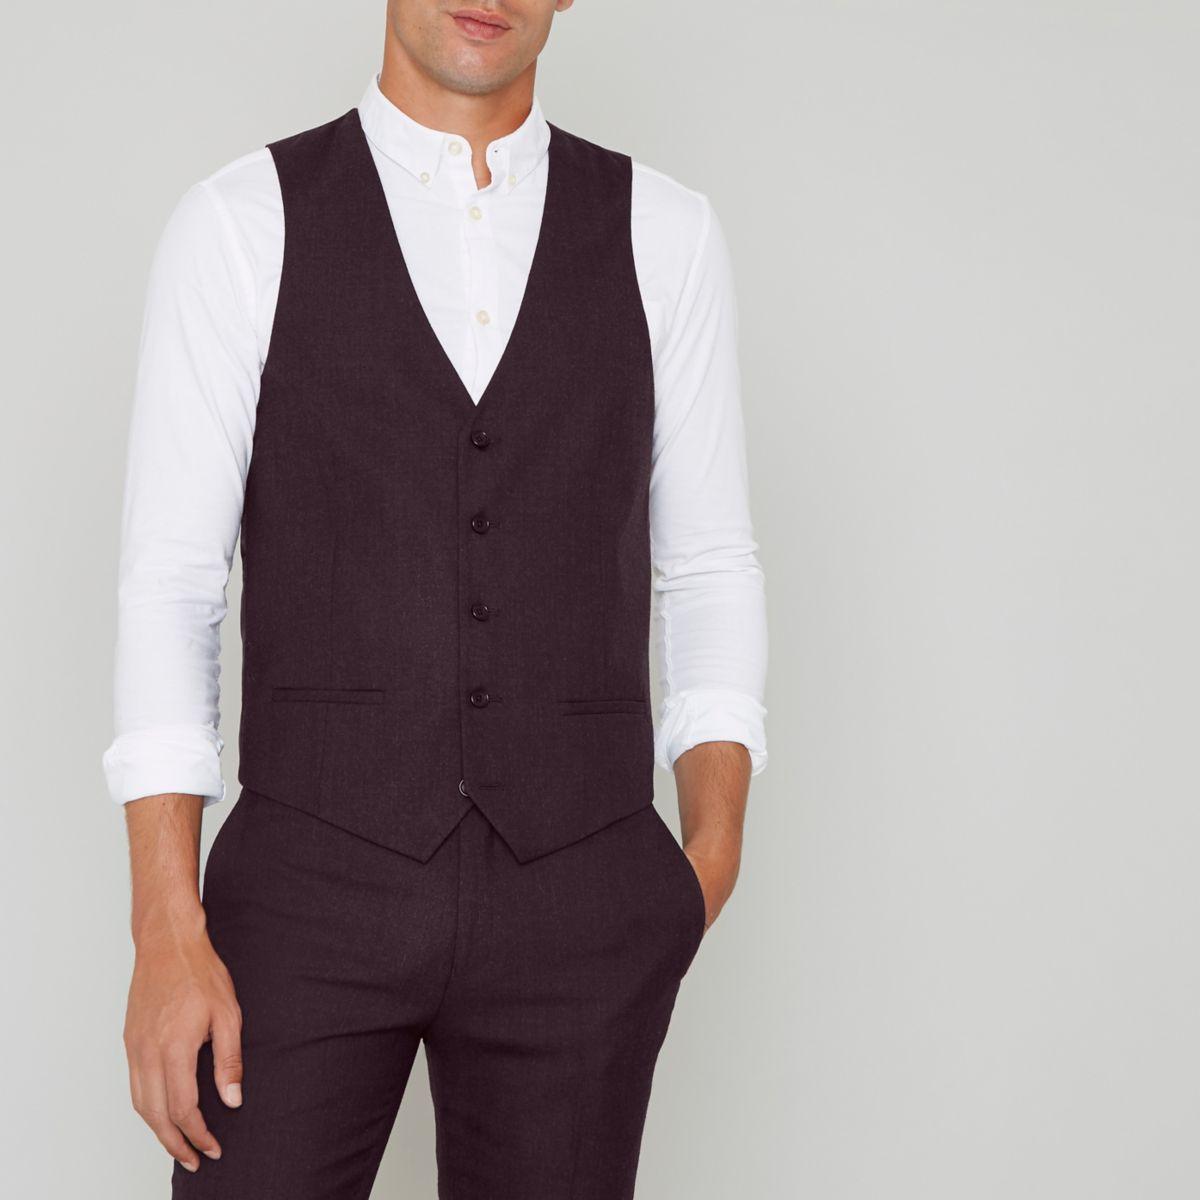 Burgundy wool blend suit waistcoat